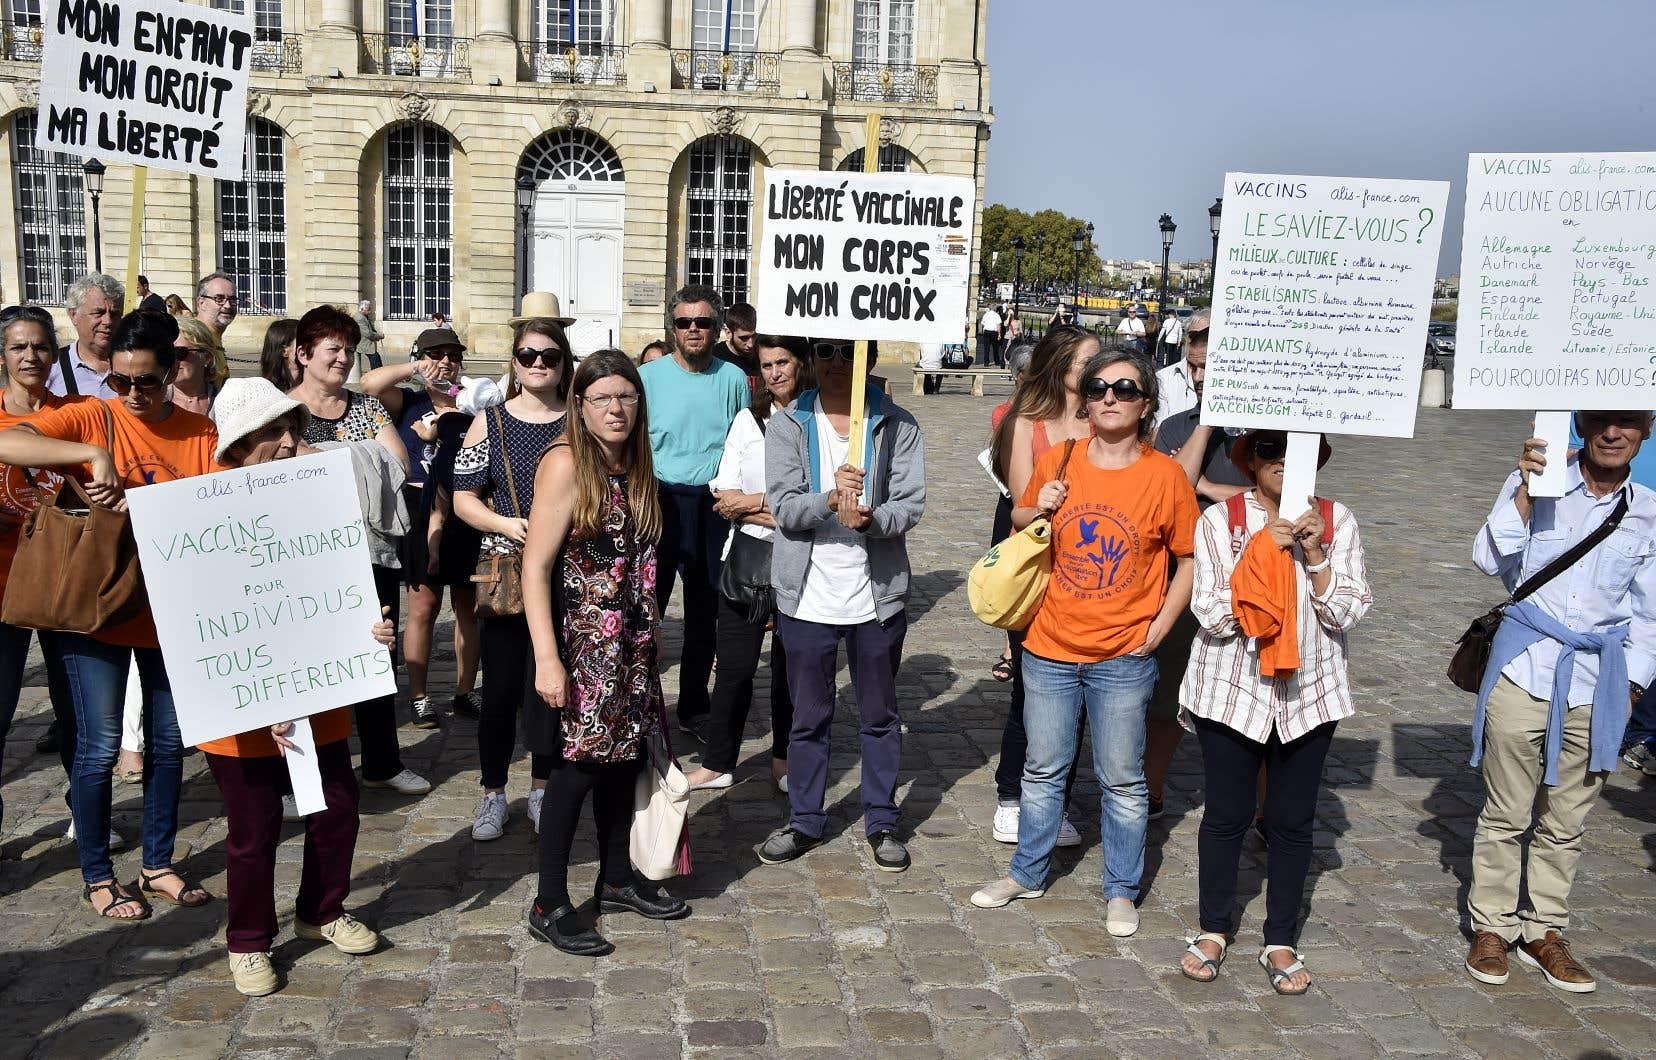 Manifestation contre la vaccination obligatoire des enfants à Bordeaux, en France